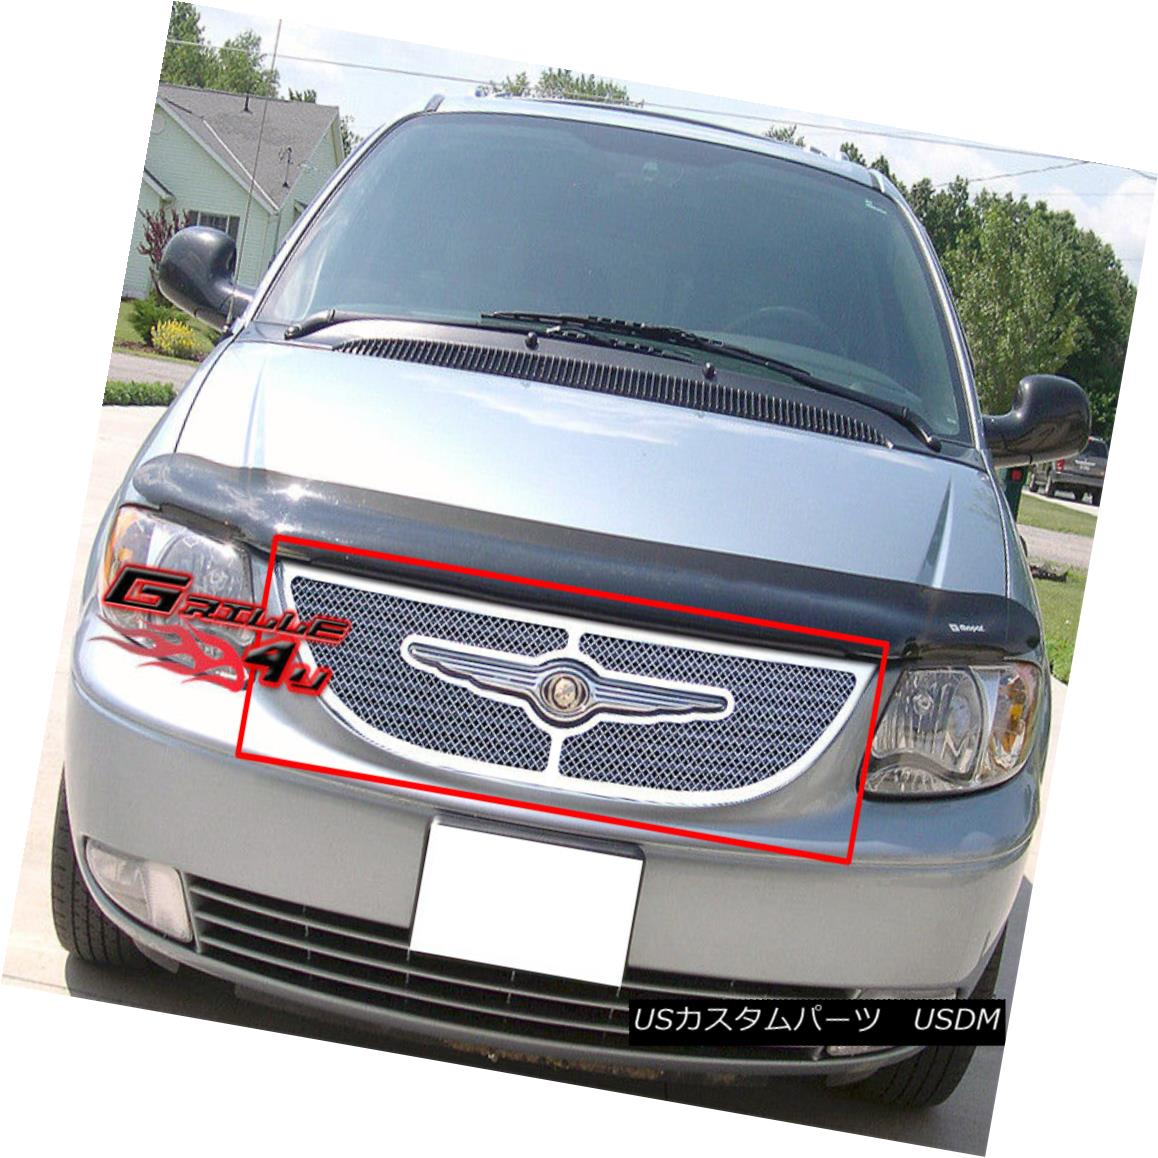 グリル Fits 01-04 Chrysler Town & Country Stainless Mesh Grille フィット01-04クライスラータウン& カントリーステンレスメッシュグリル